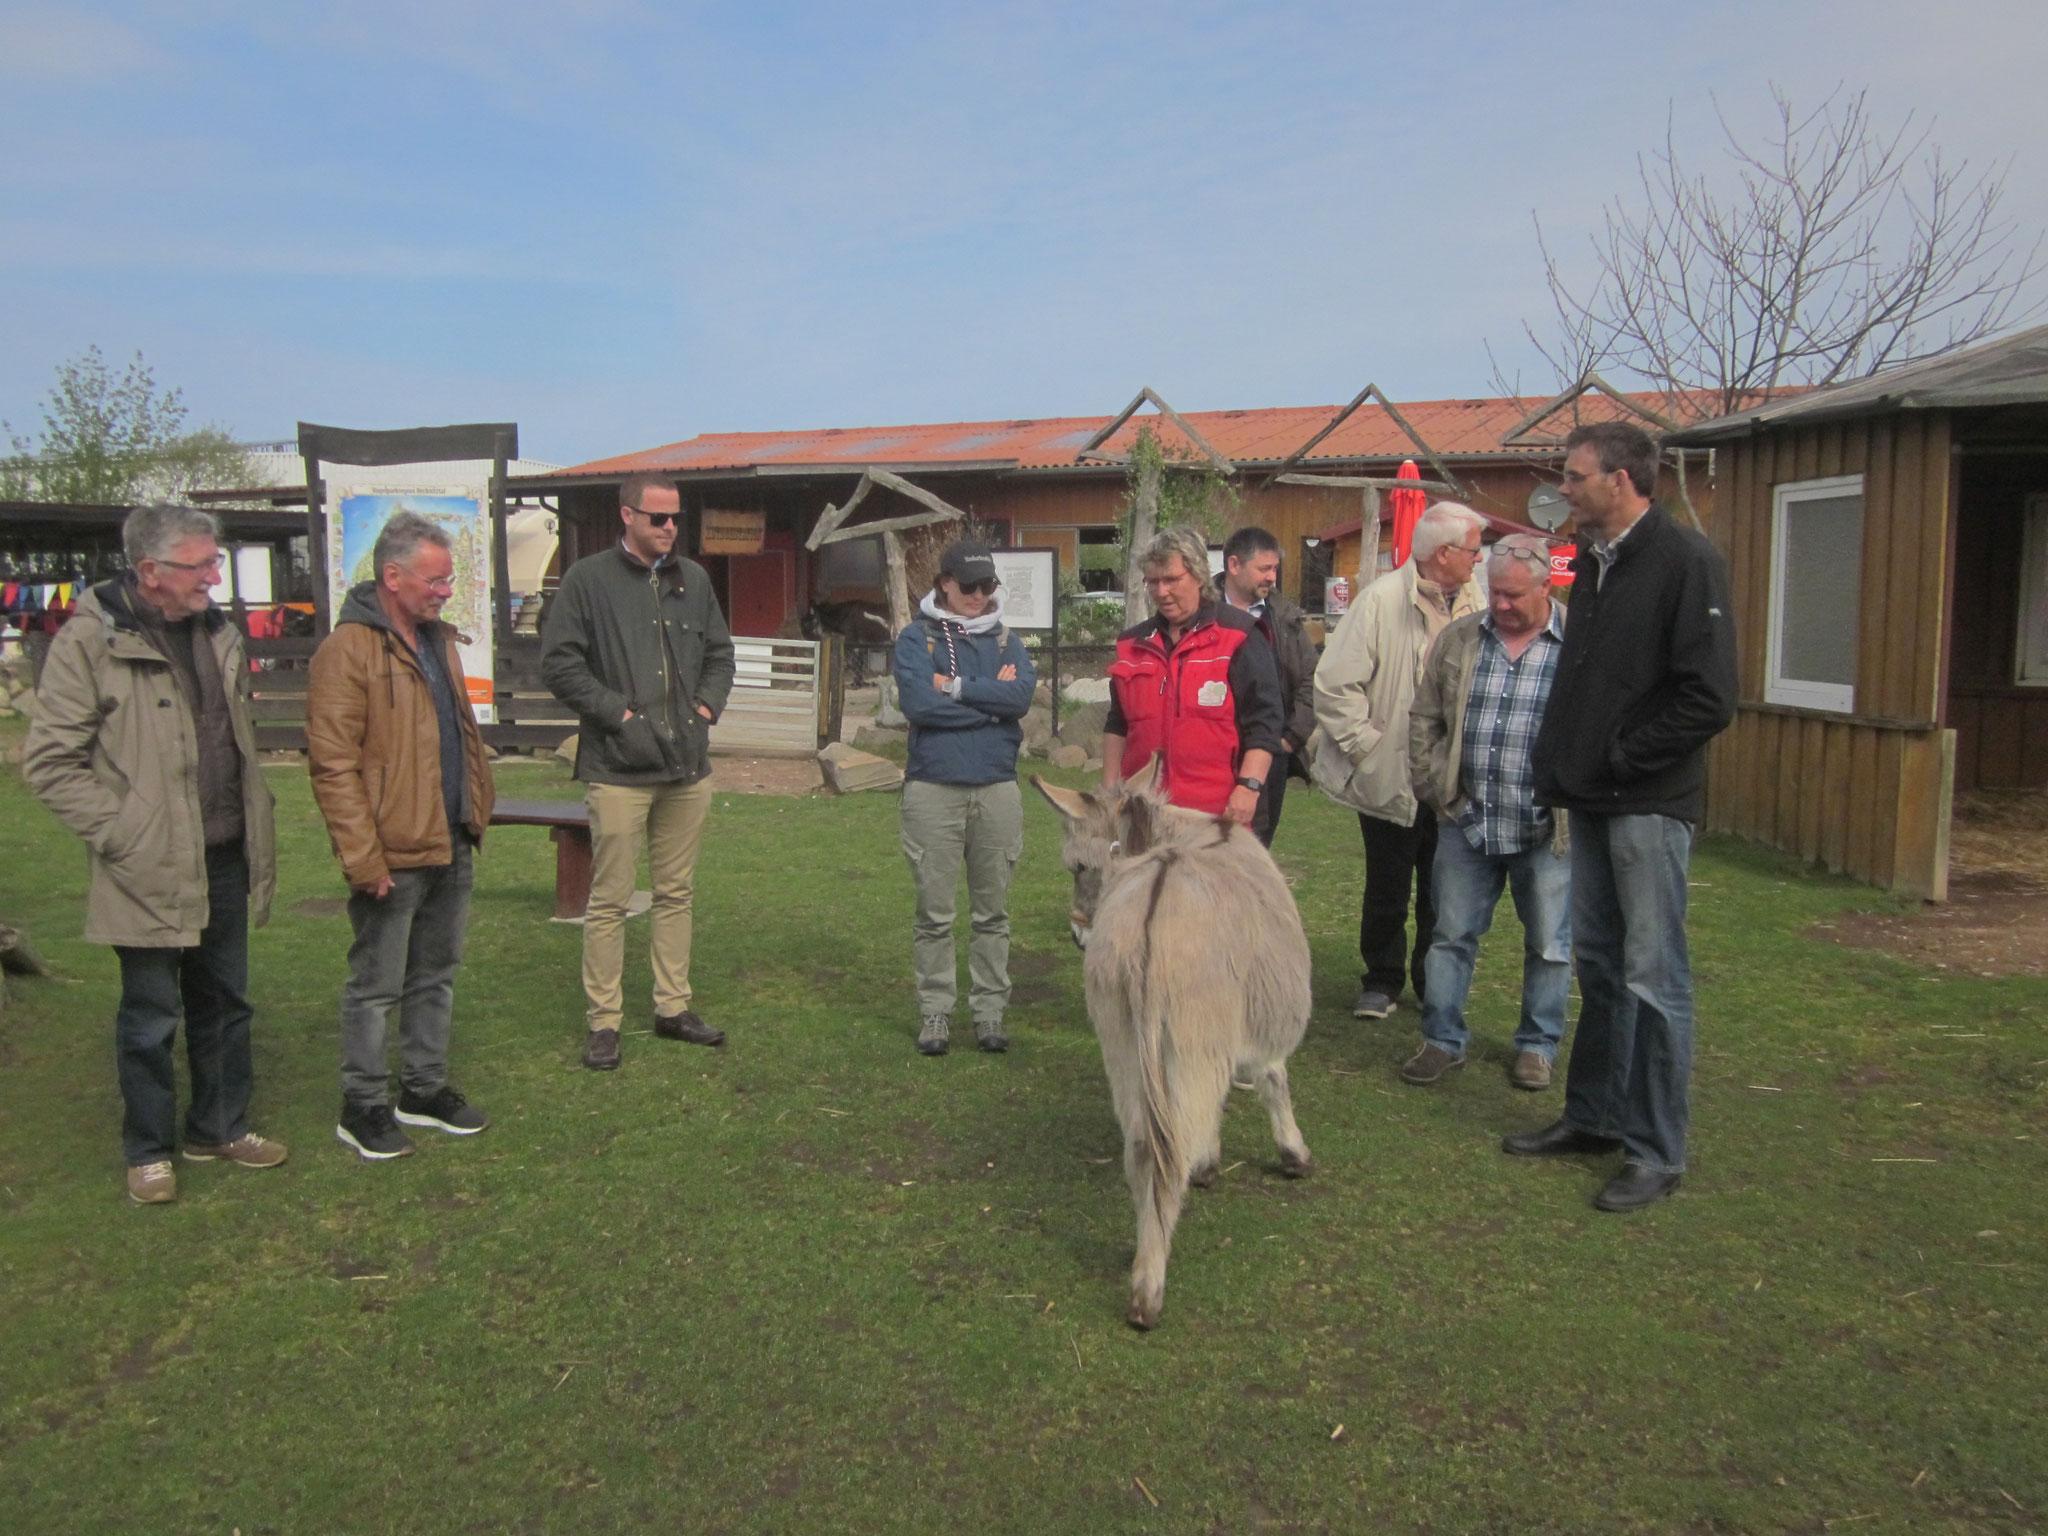 Wir besuchen einen Eselhof.